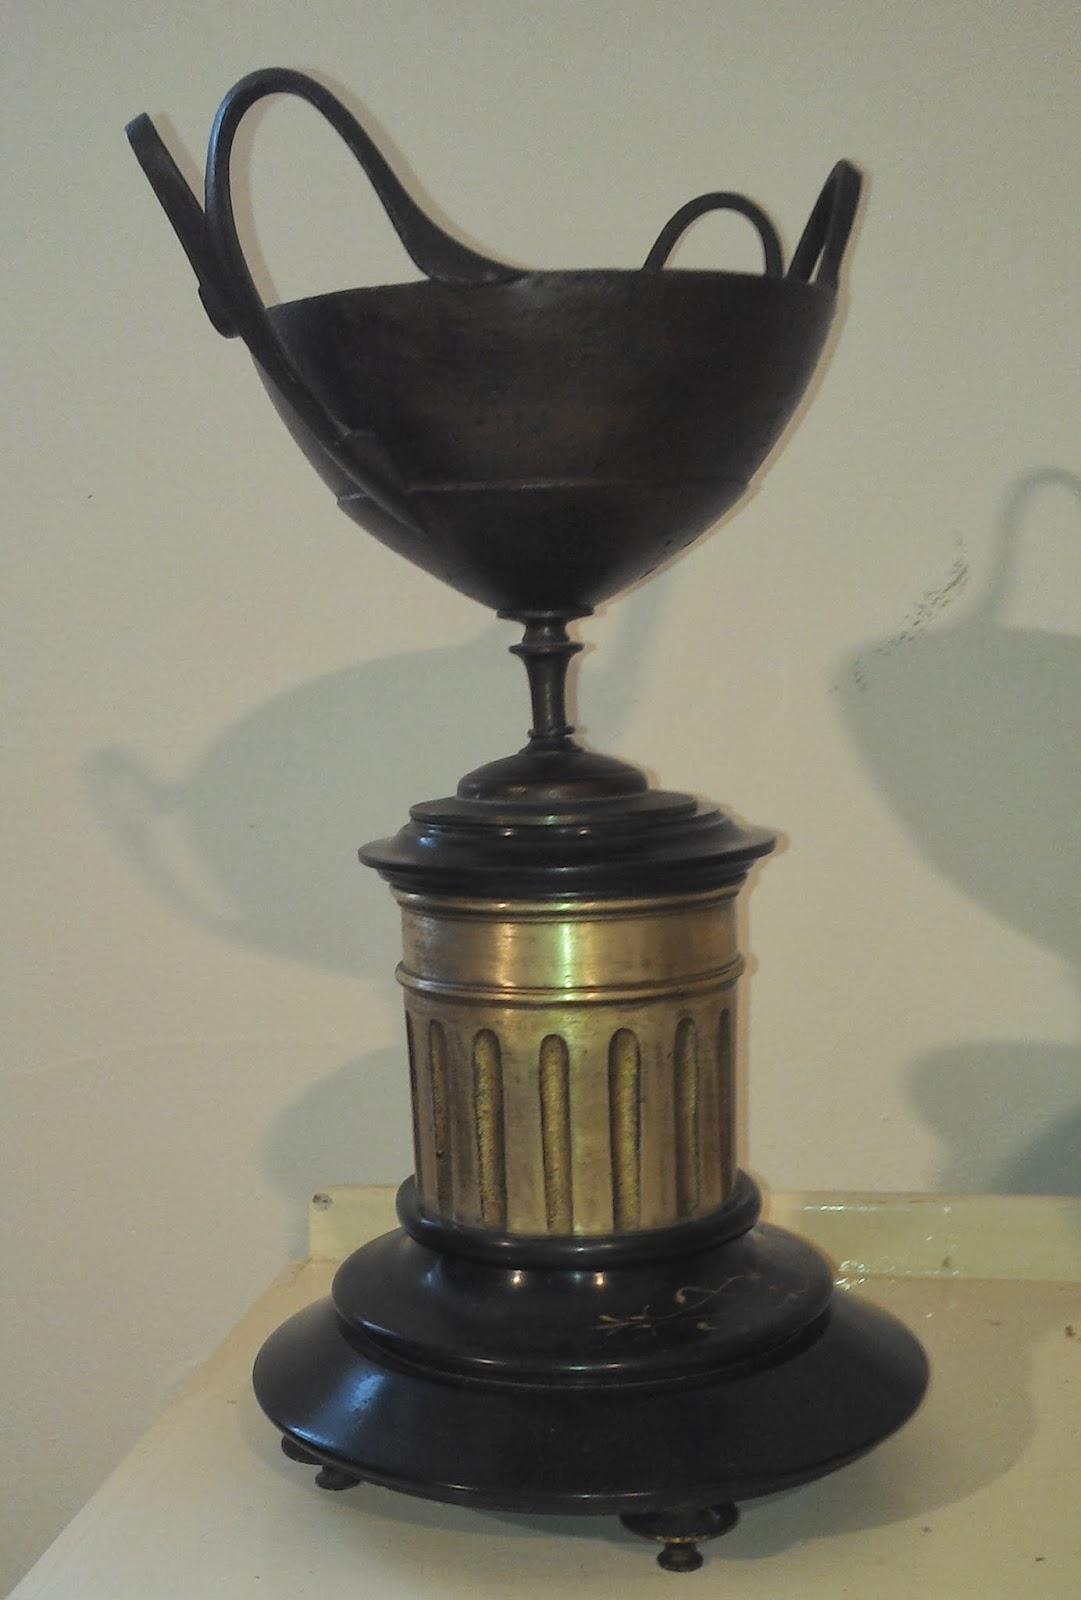 alten putz bronze kamin burg uhr bronze und schwarzem marmor uhrwerk. Black Bedroom Furniture Sets. Home Design Ideas